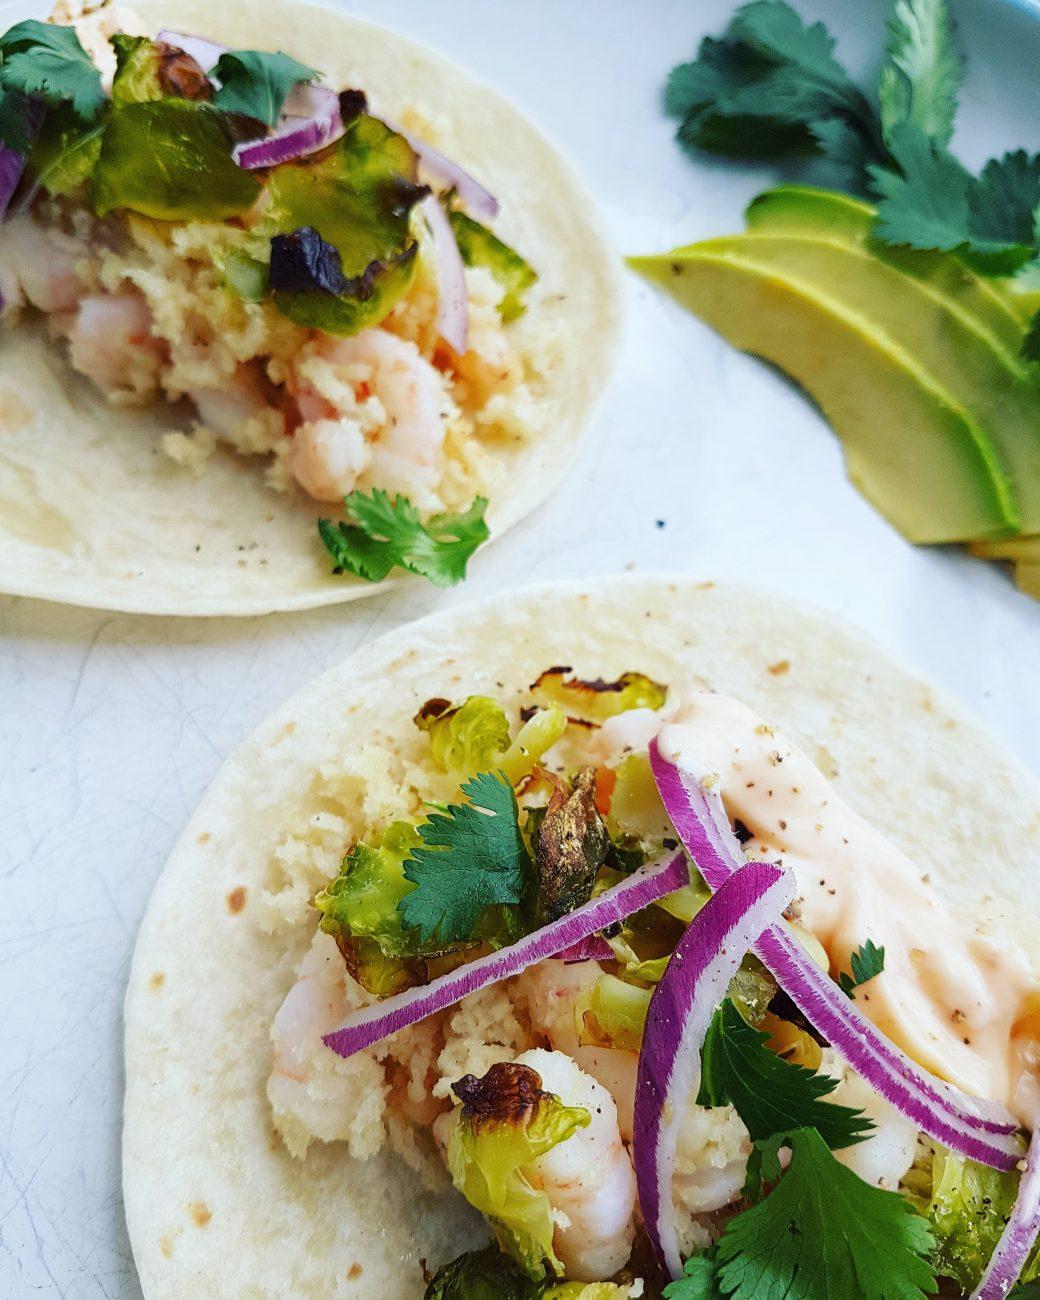 Tacos aux crevettes croustillantes